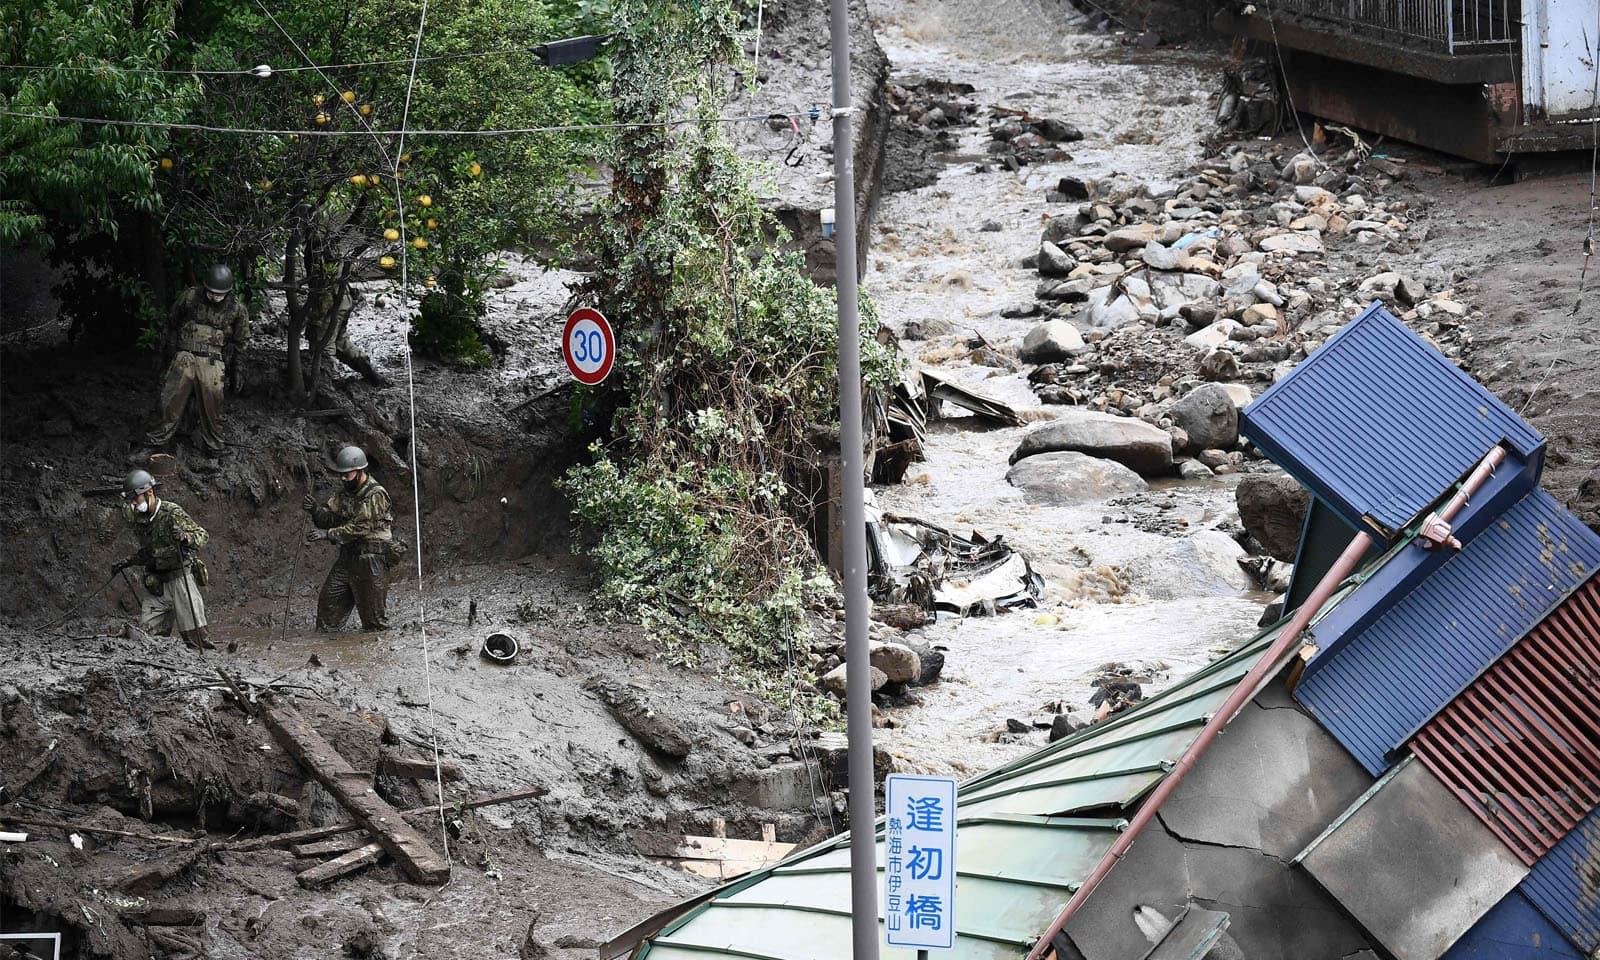 متعدد گھر کیچڑ میں دھنس گئے جہاں تاحال امدادی سرگرمیاں جاری ہیں—فوٹو: اے پی